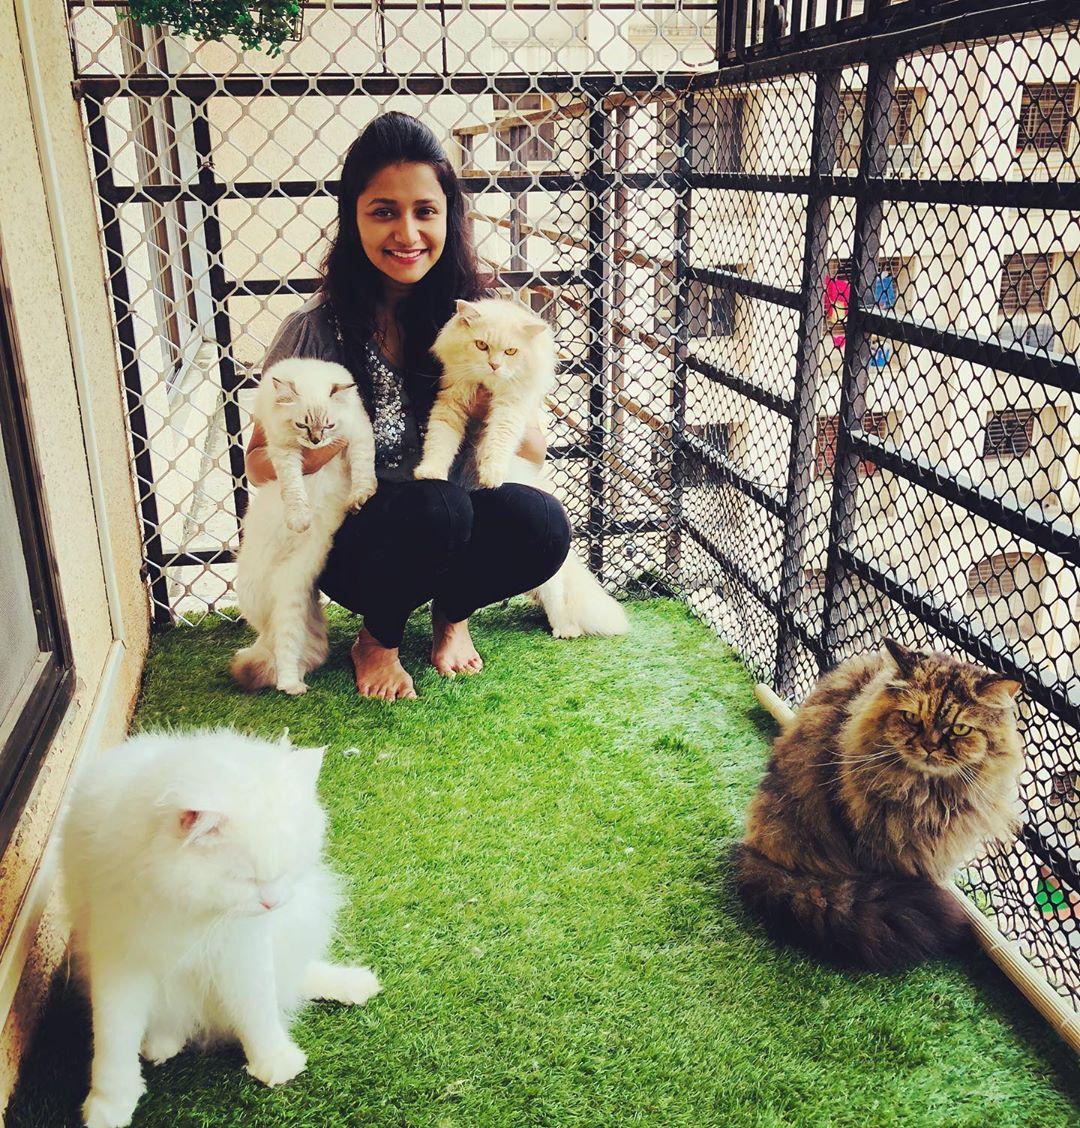 बिग बॉसनंतर सध्या वर्तुळ मालिकेमुळे चर्चेत असणाऱ्या जुई गडकरीकडे चार मांजरं आहेत. (फोटो - Instagram)